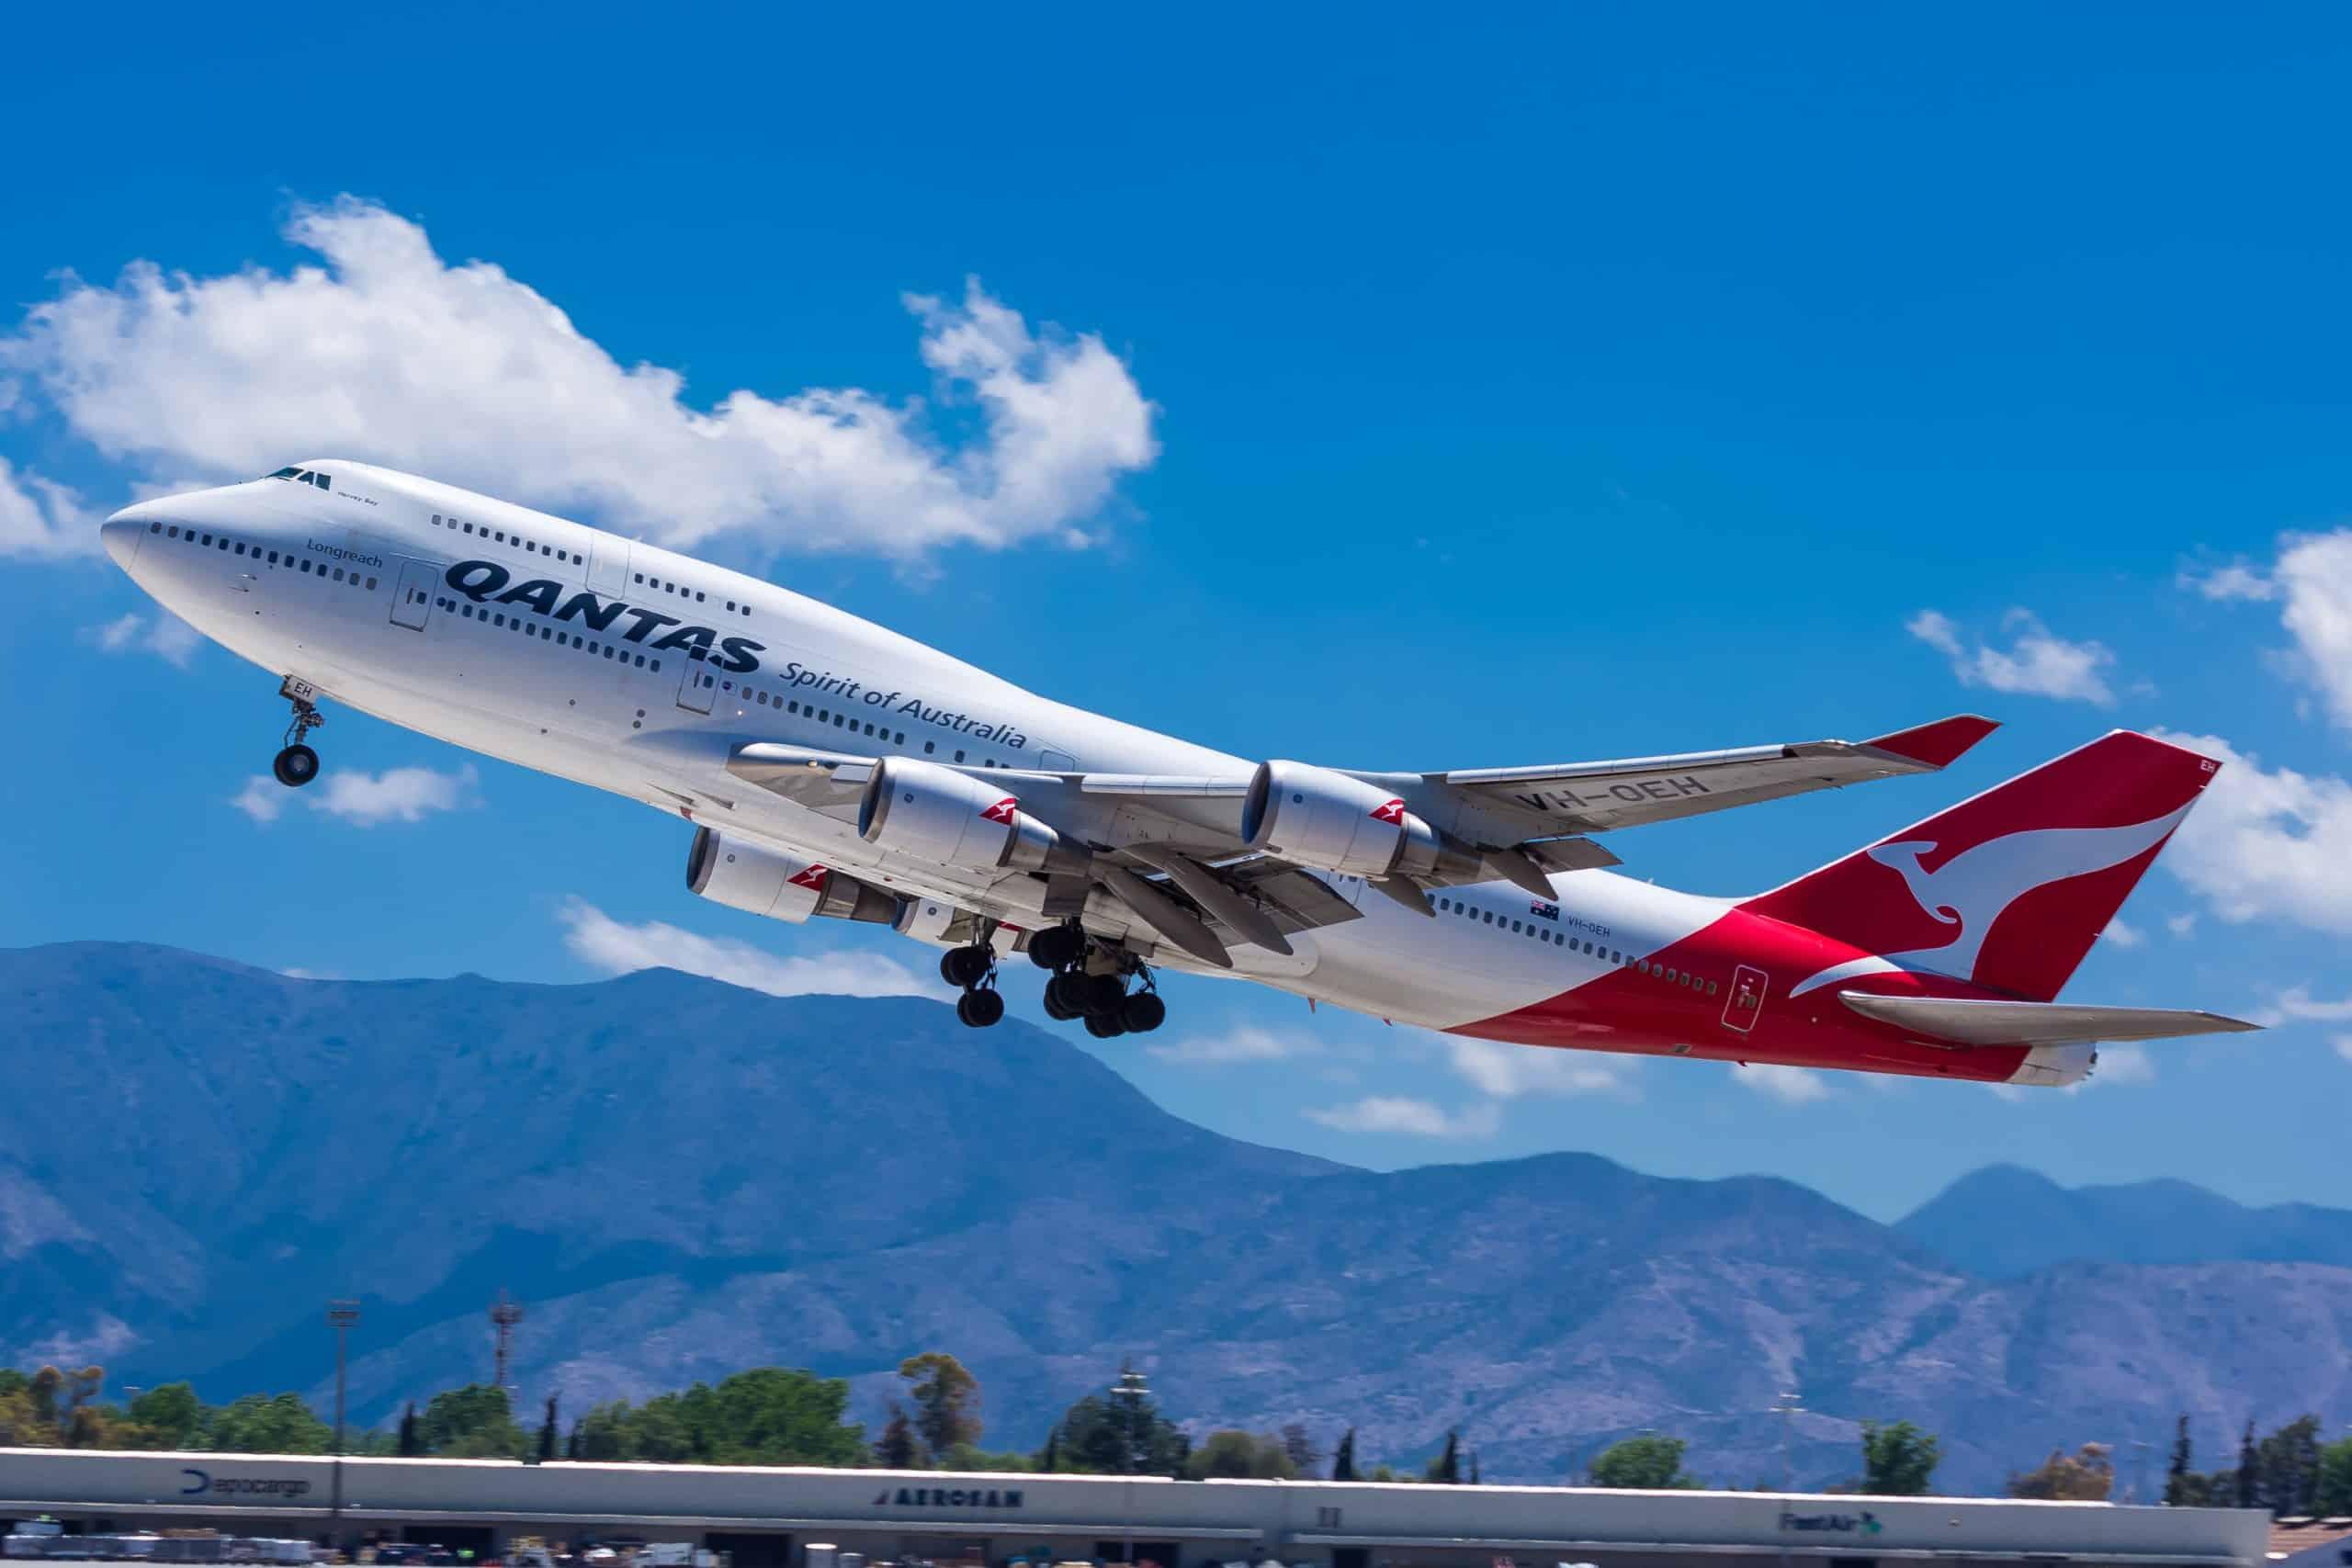 Flugzeug der australischen Airline Qantas